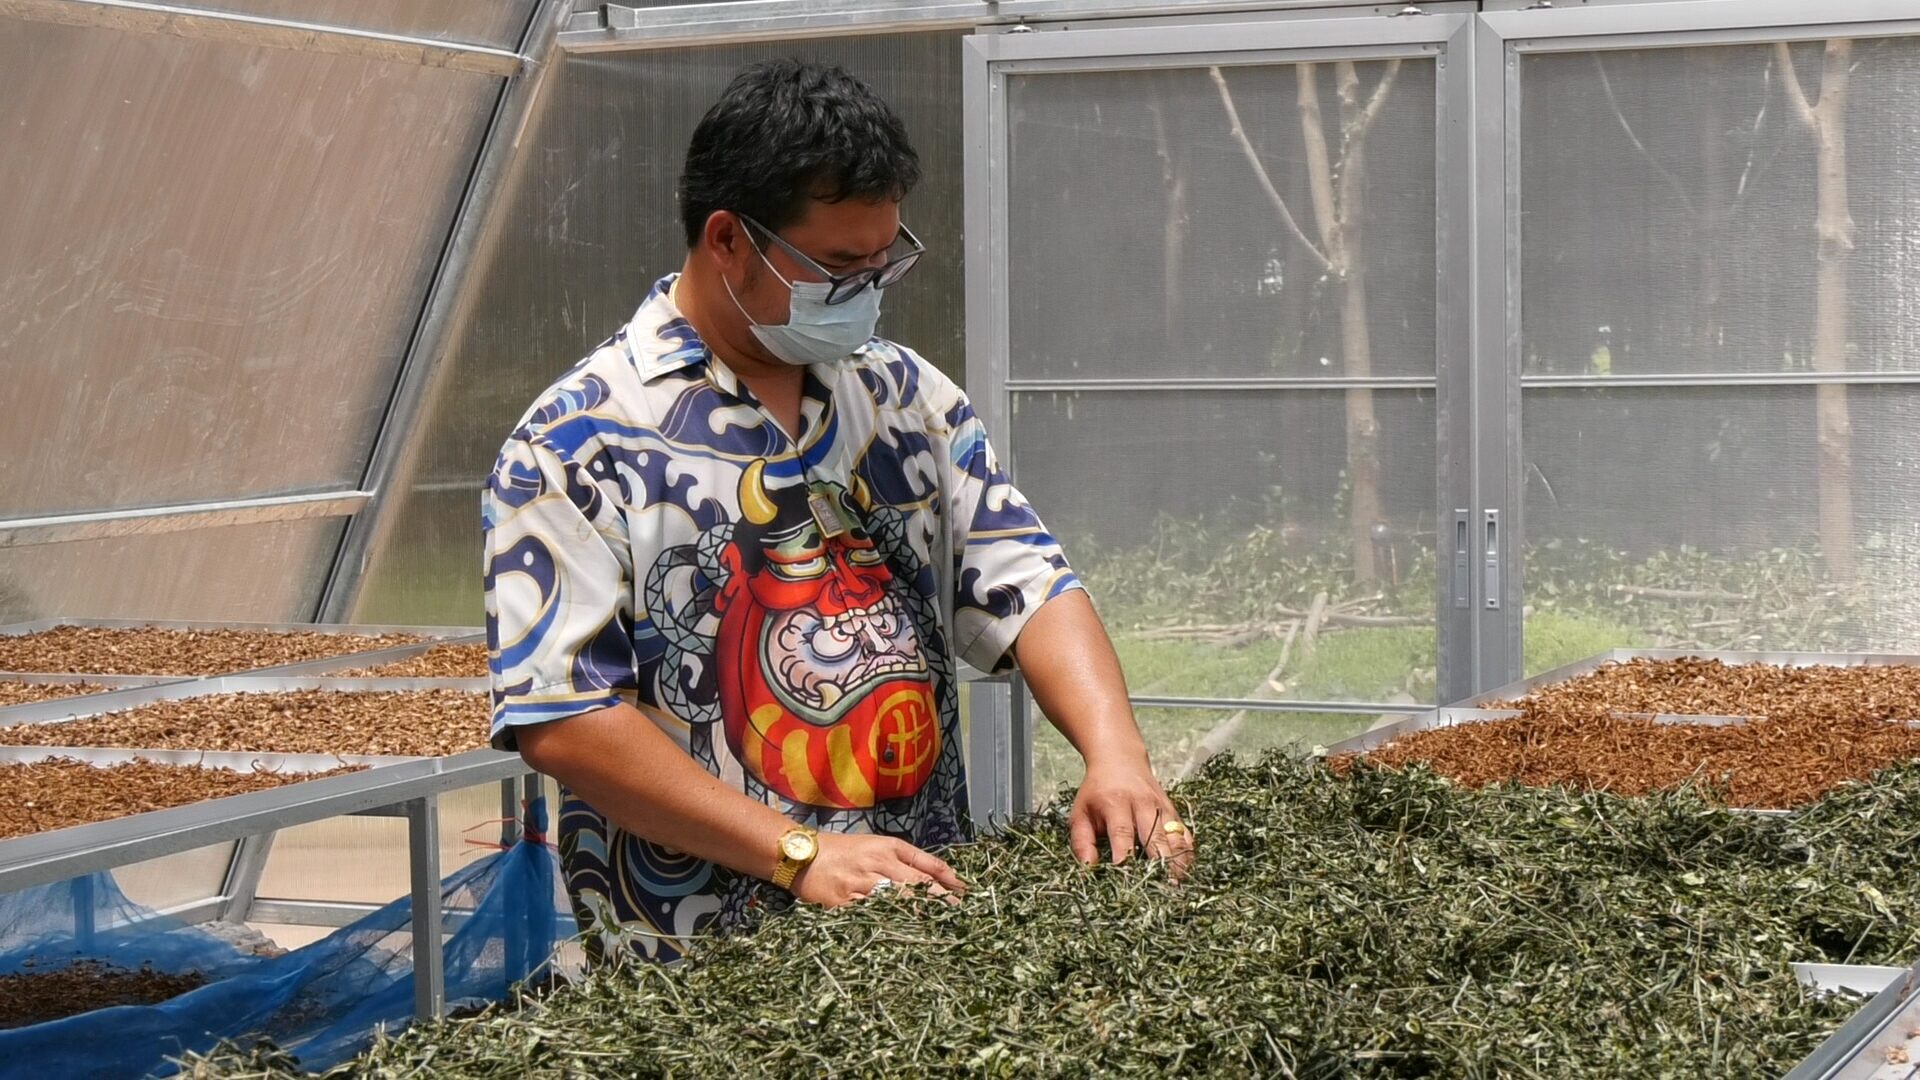 กลุ่มเกษตรกรคนรุ่นใหม่สุรินทร์ รวมตัวเร่งบดยาสมุนไพร บรรจุแค๊ปซูล ส่งรพ.ช่วยผู้ป่วยโควิด